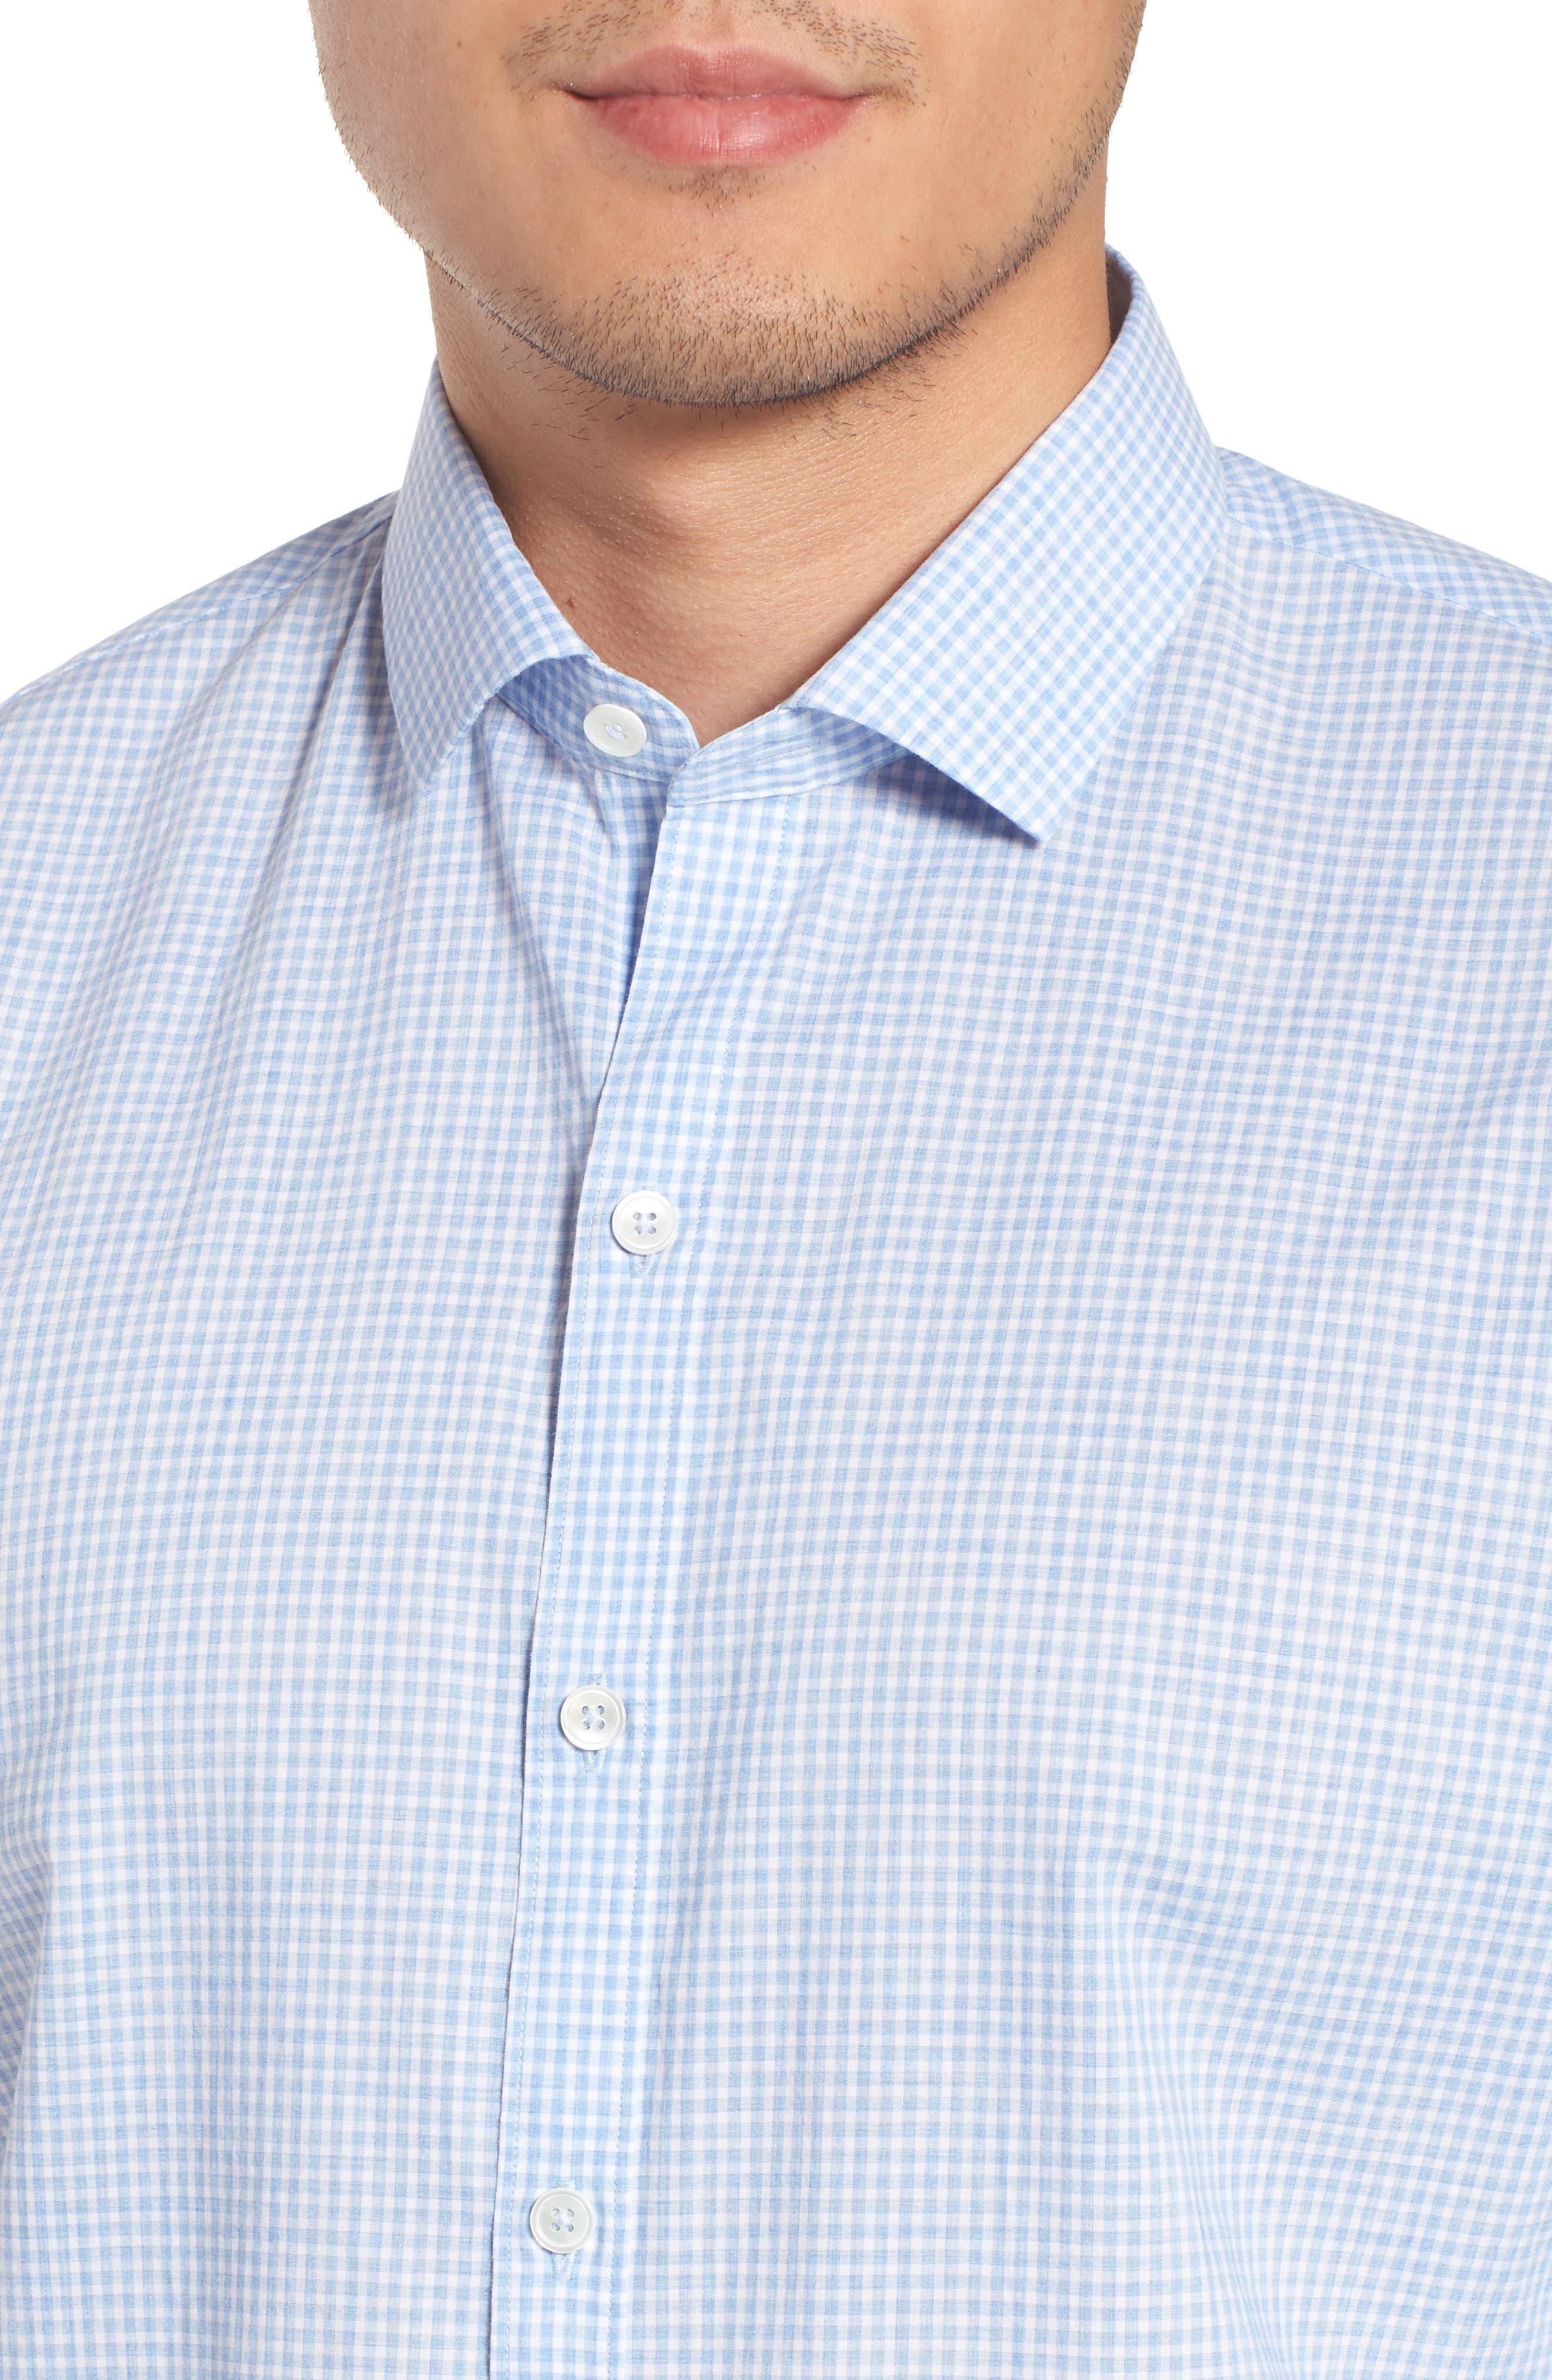 McGarry Gingham Sport Shirt,                             Alternate thumbnail 4, color,                             Light Blue